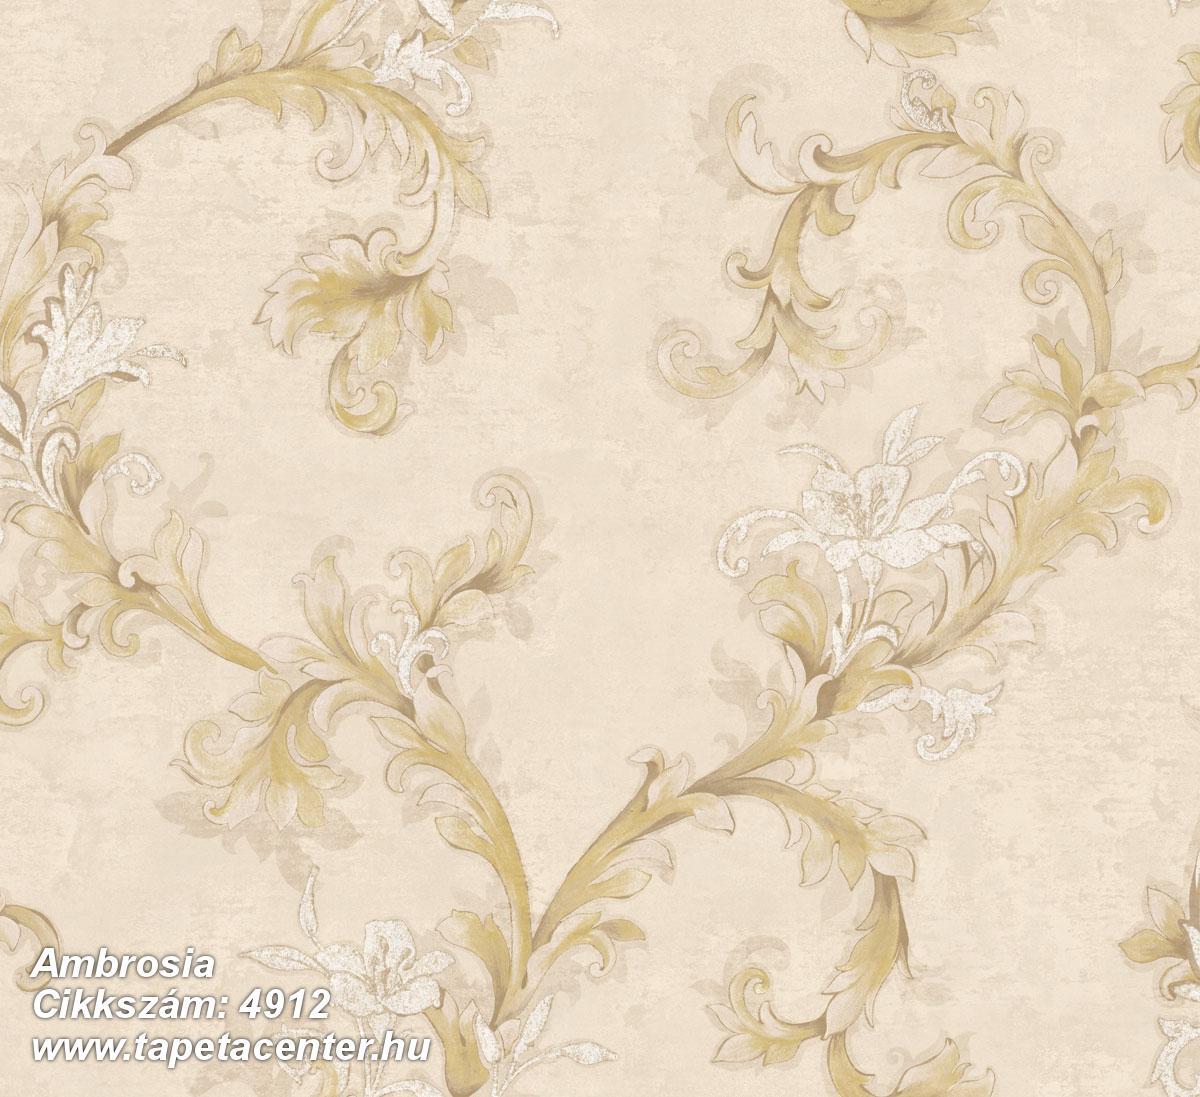 Ambrosia - 4912 Olasz tapéta